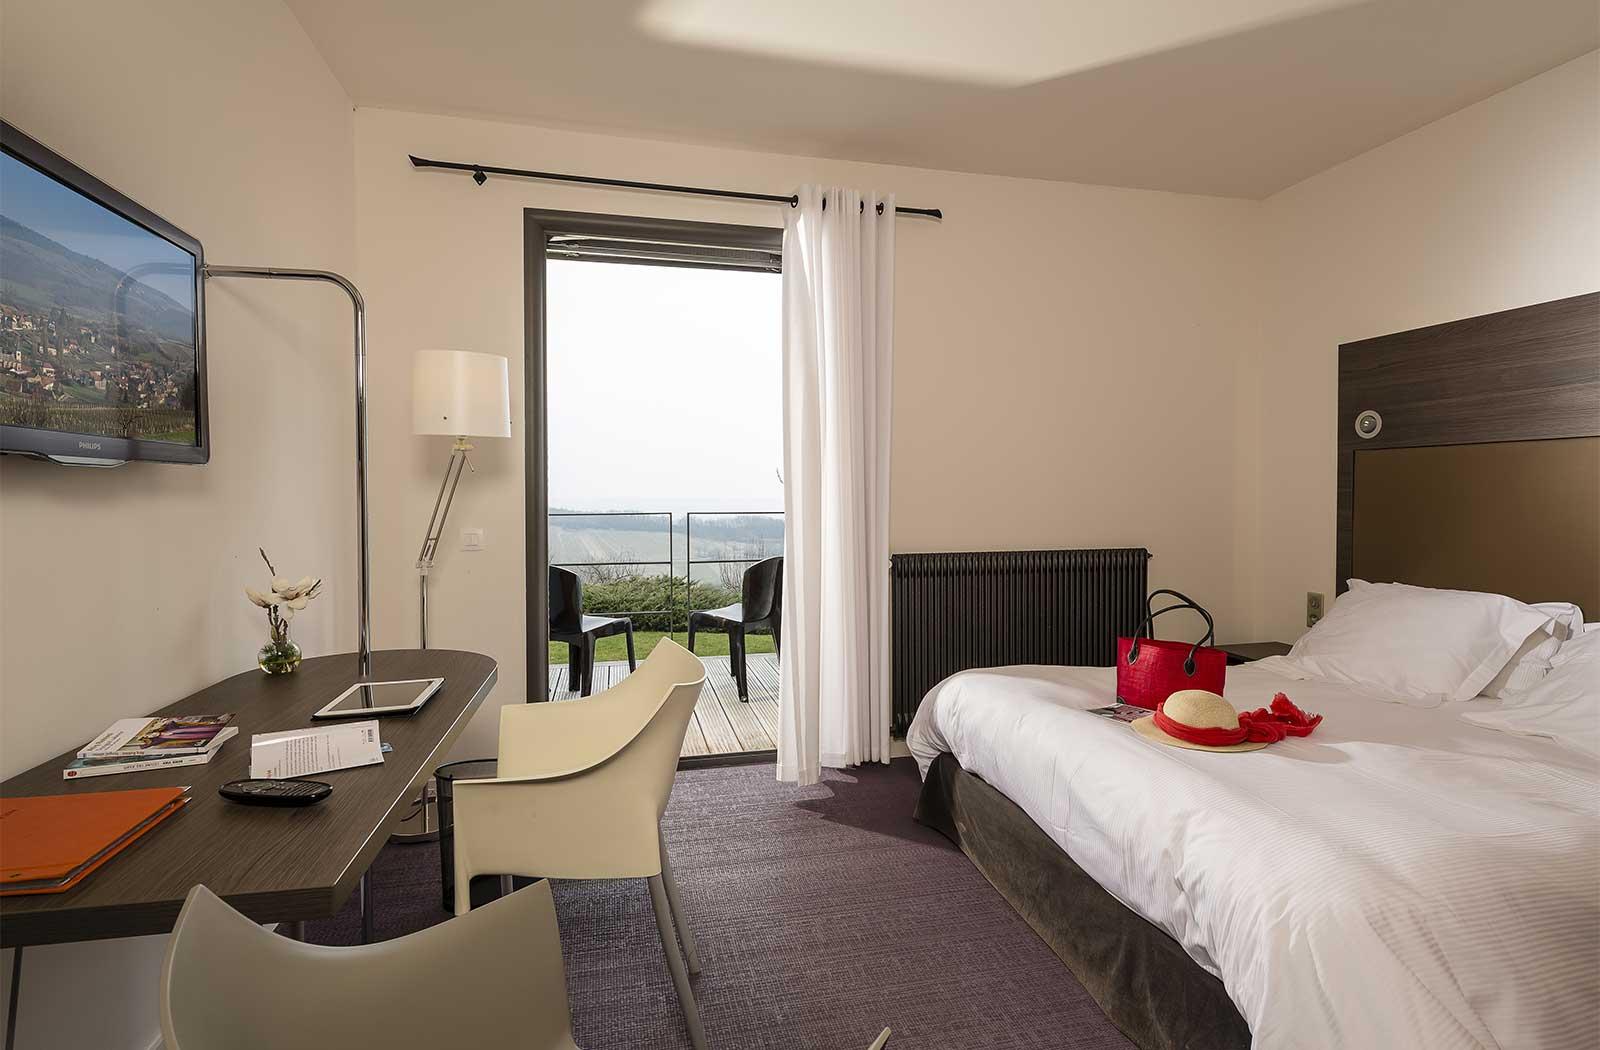 Hôtel 4 étoiles - Chambre - Bureau - La Montagne de Brancion entre ...